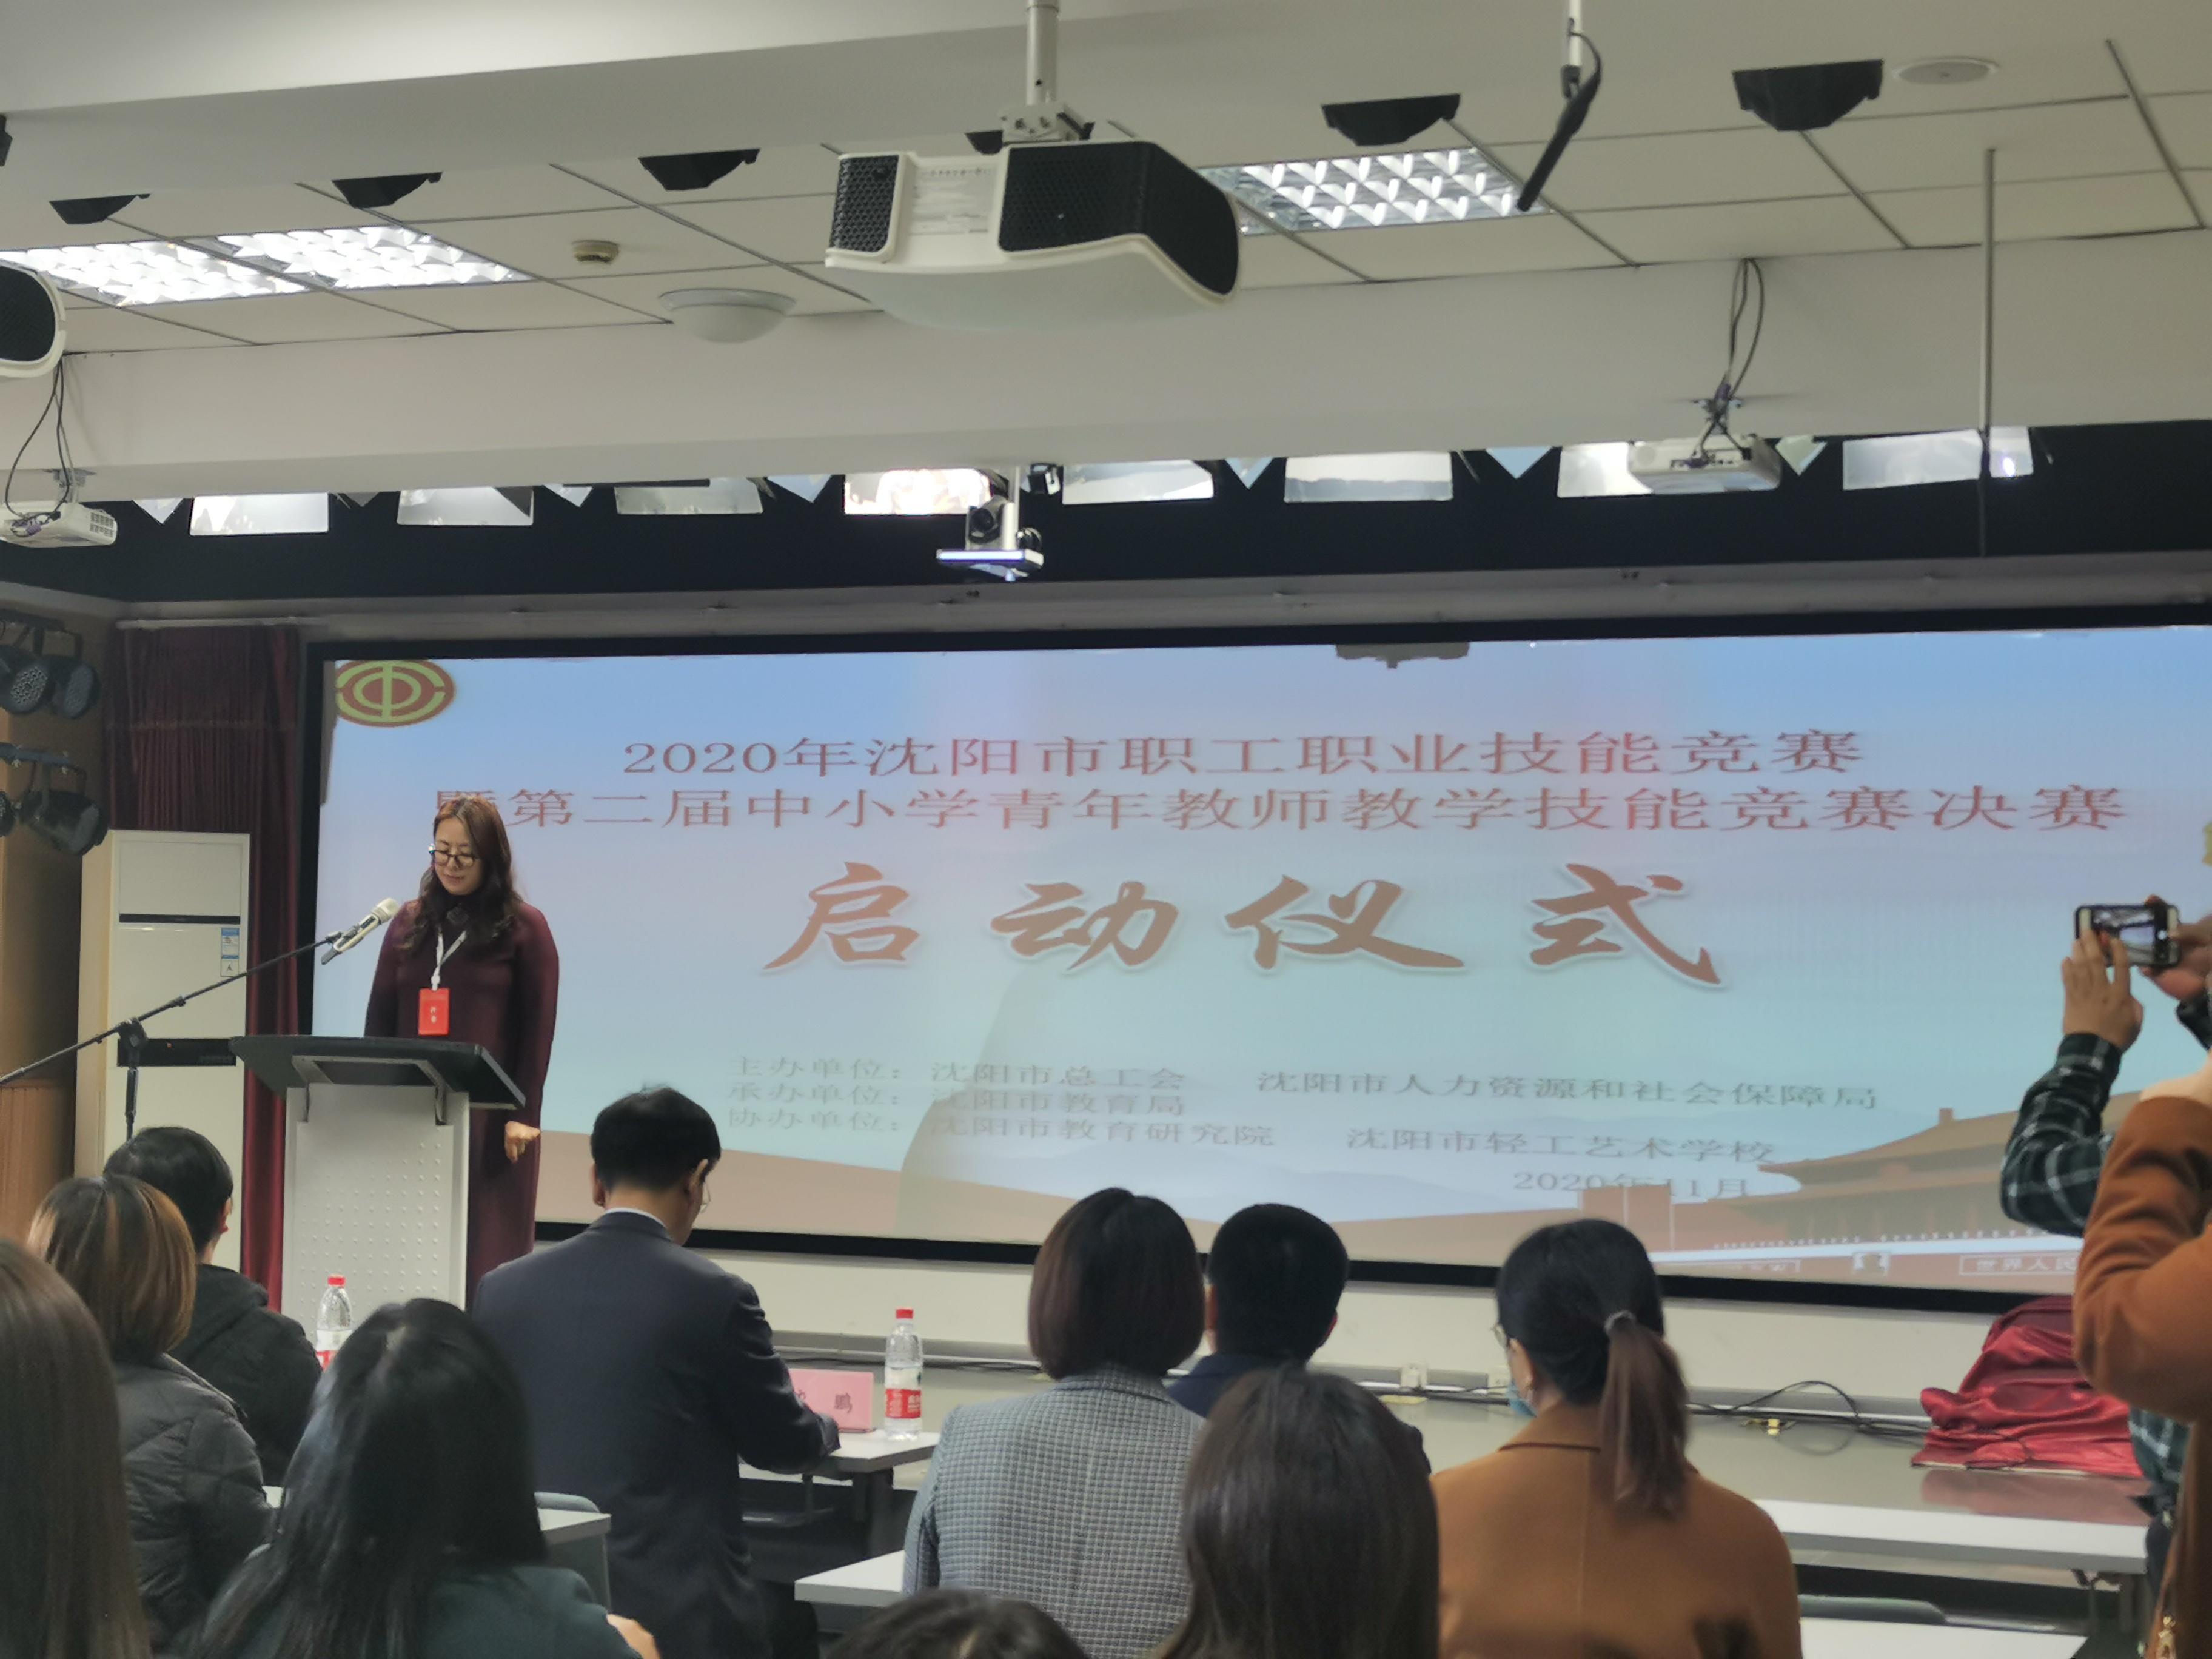 沈阳市组织青年教师比拼教学技能